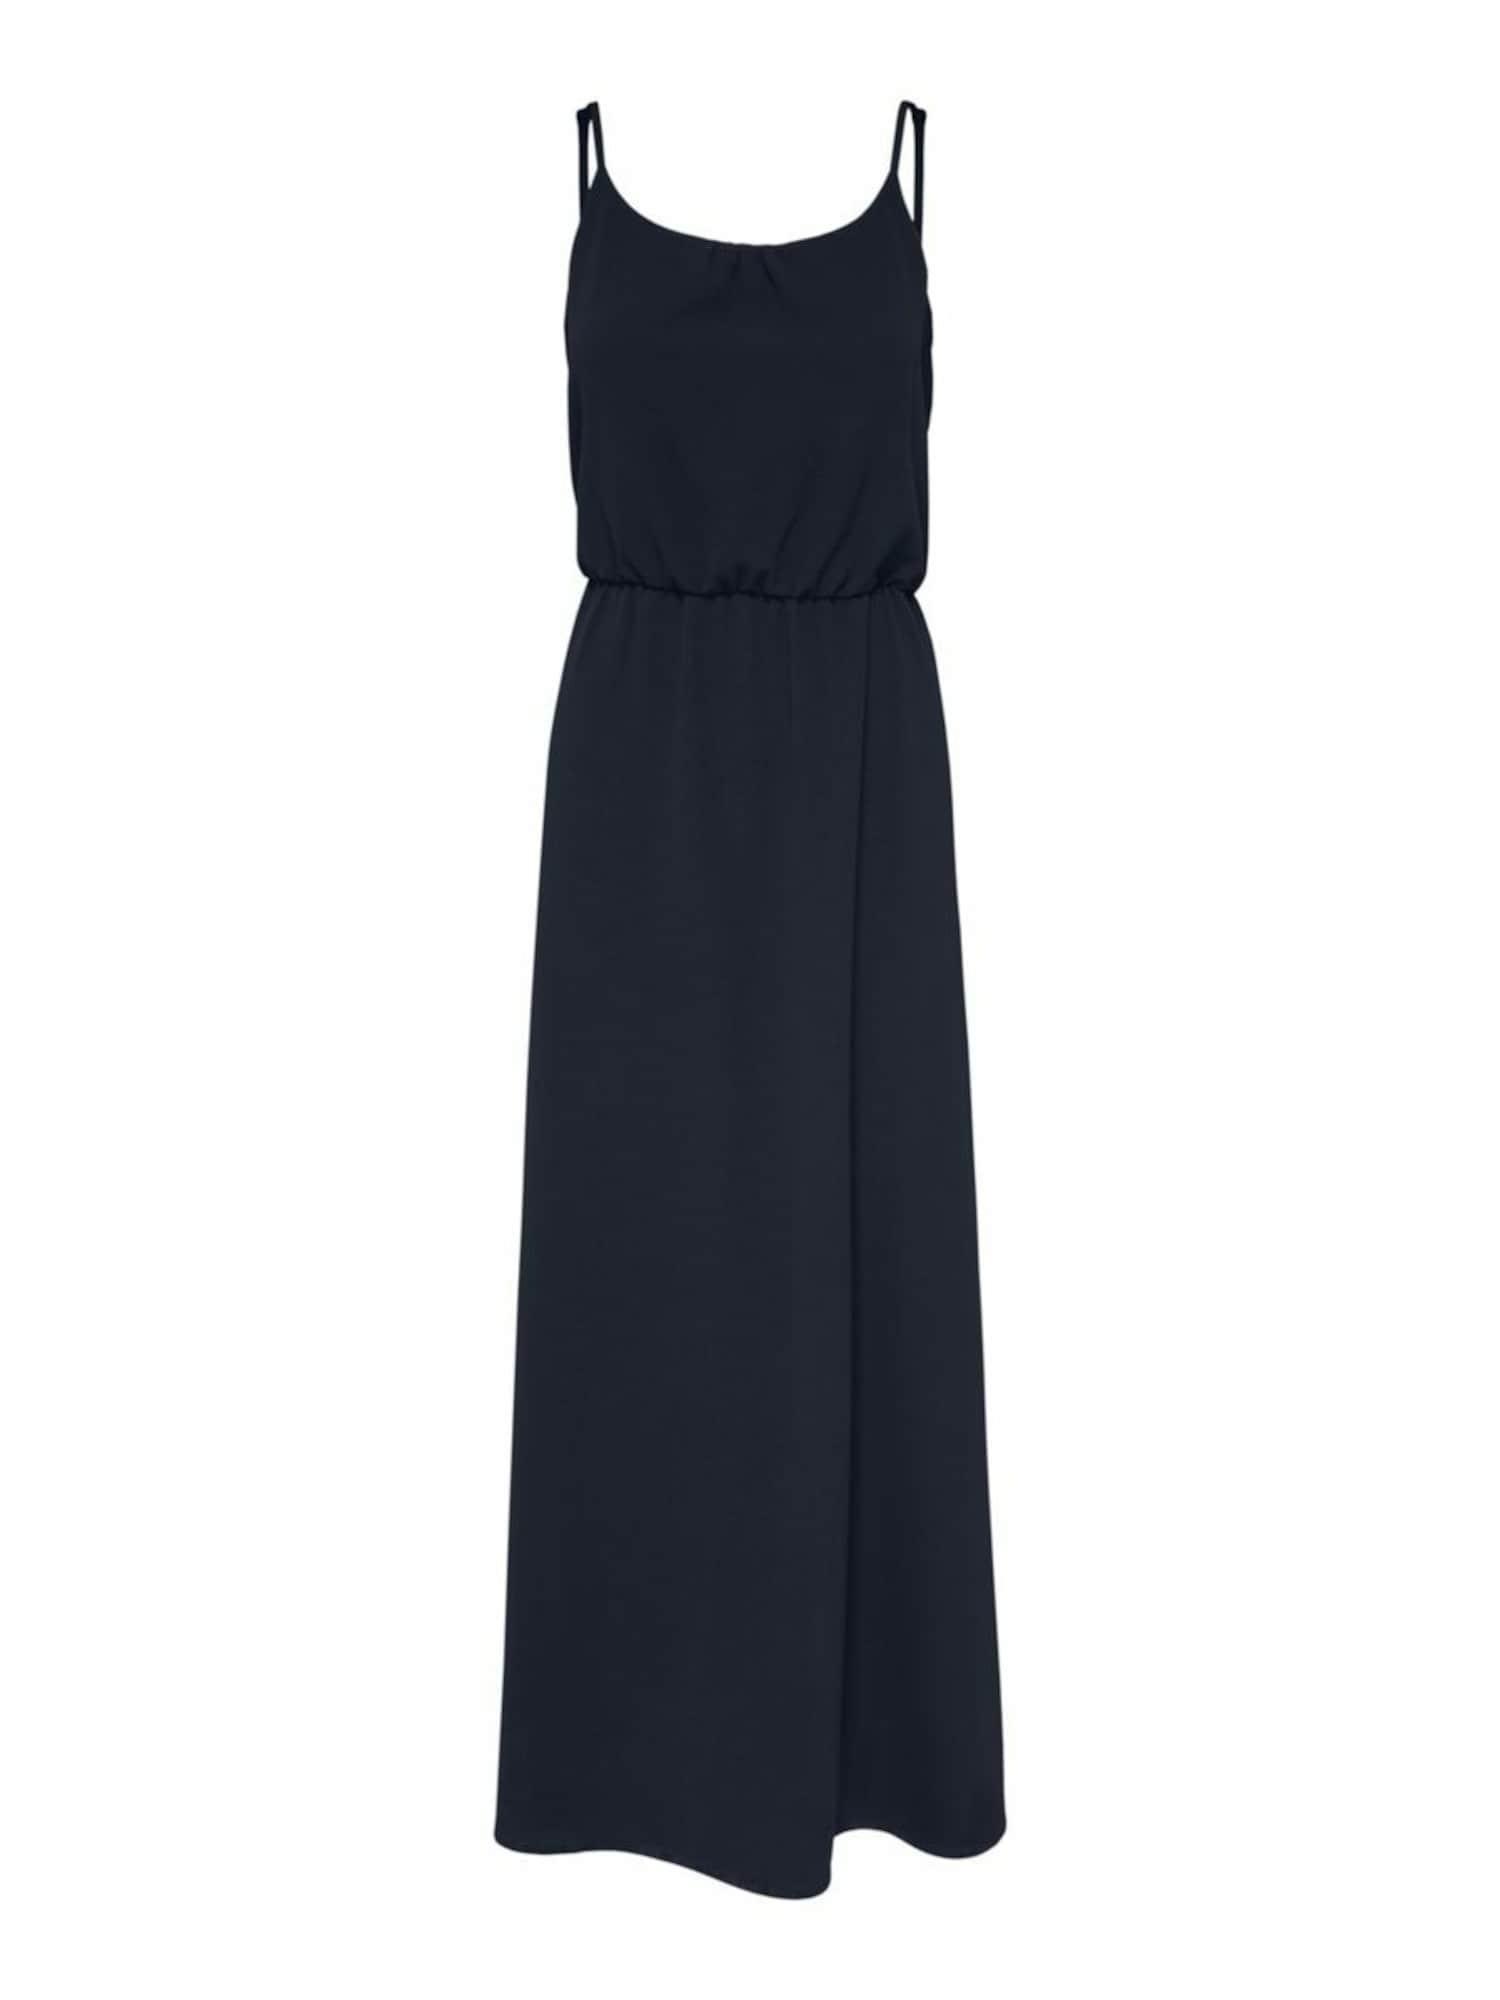 ONLY Letní šaty  tmavě modrá